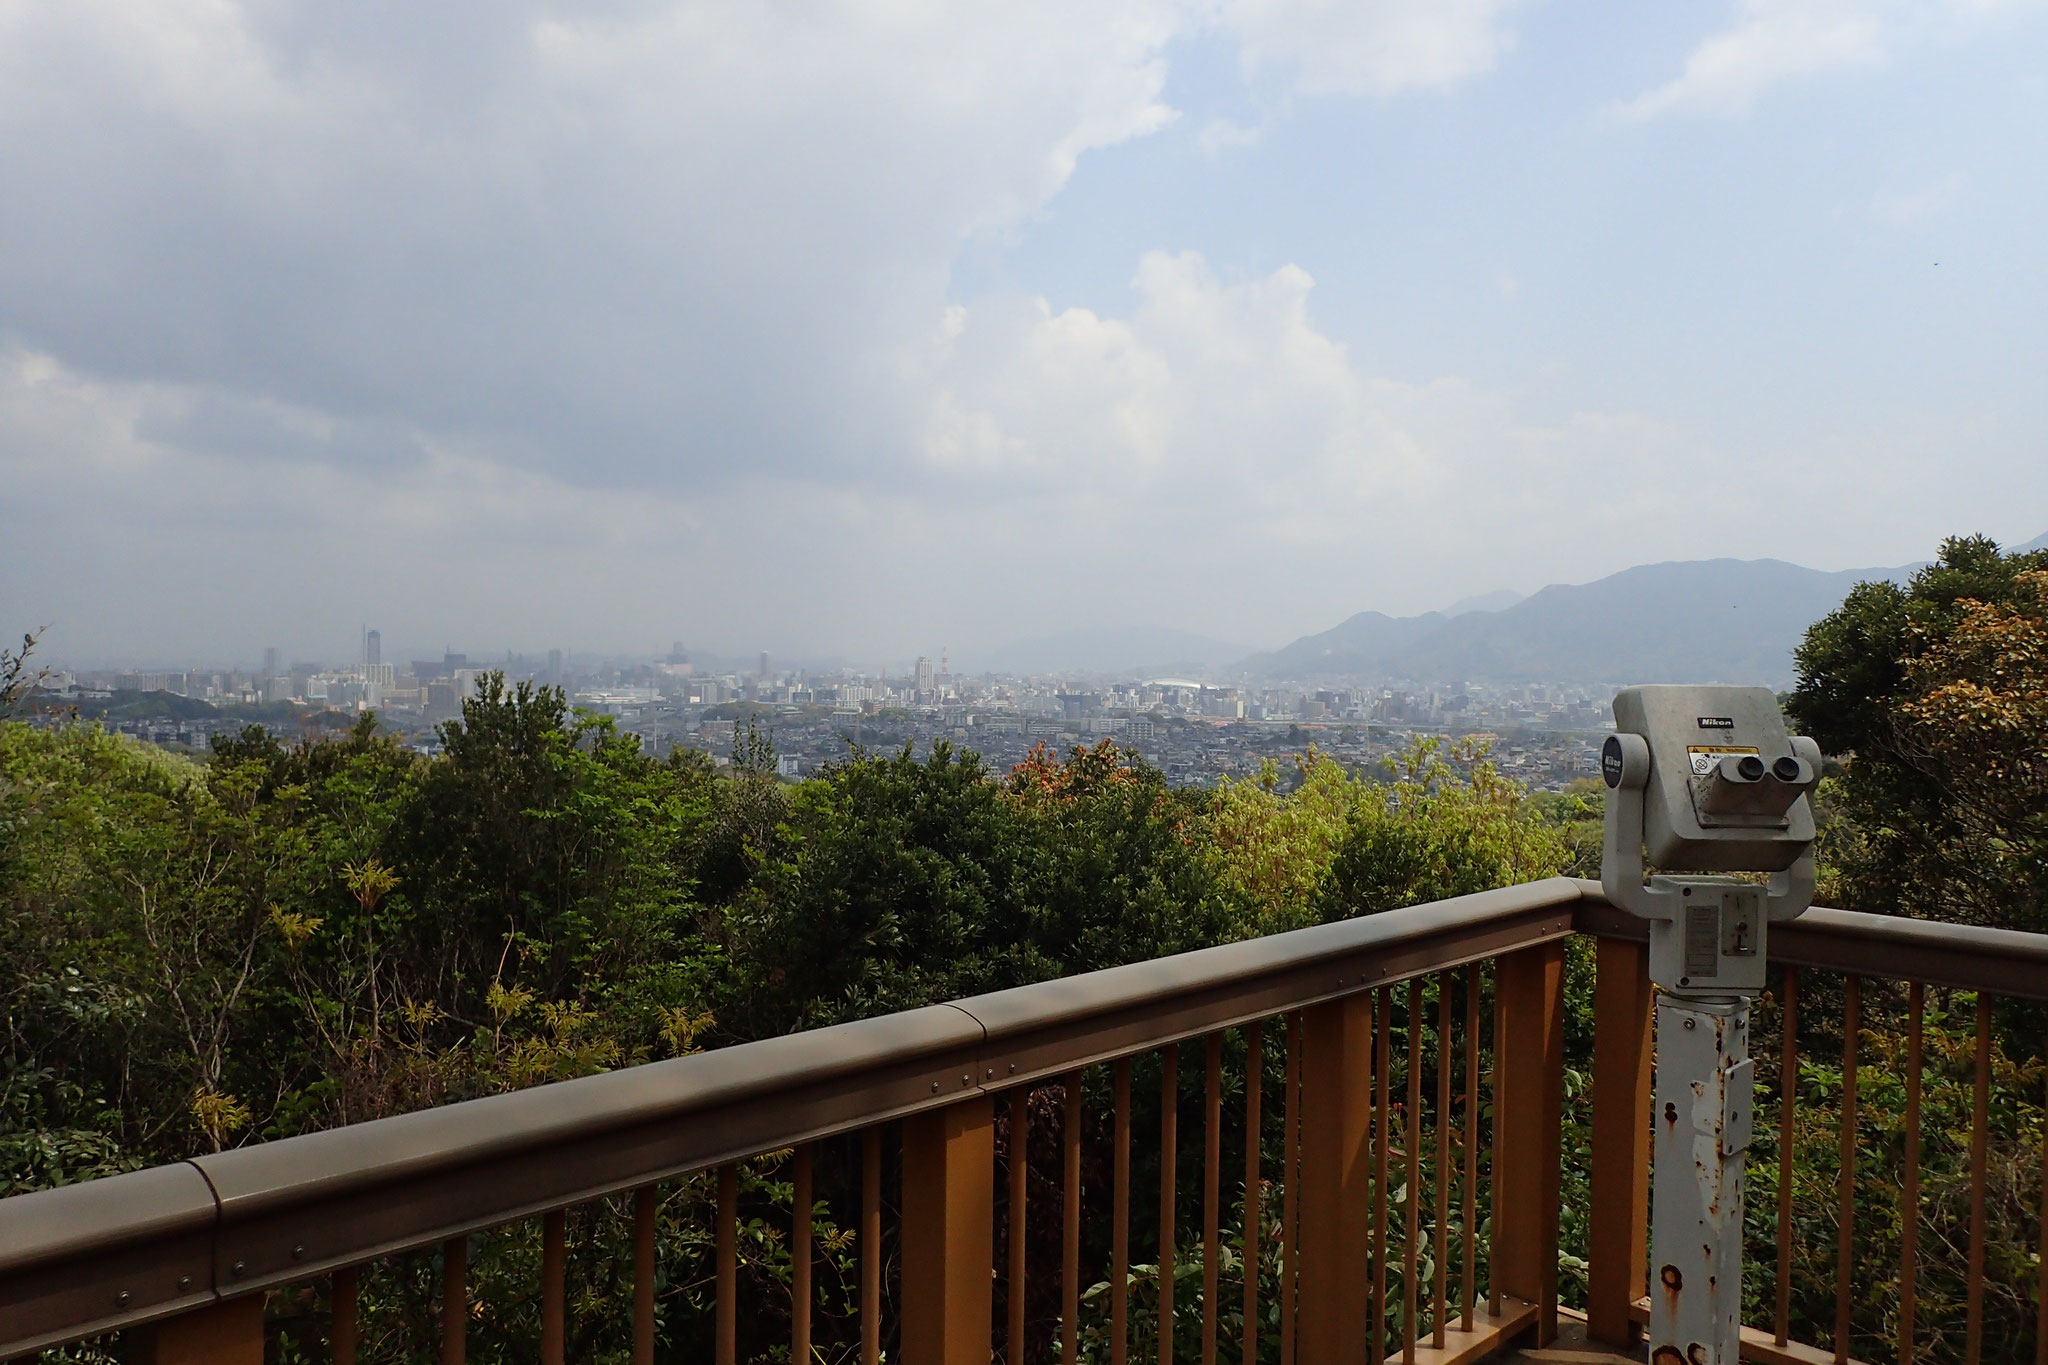 エコプレイパークの展望デッキからは小倉の市街地が見渡せる